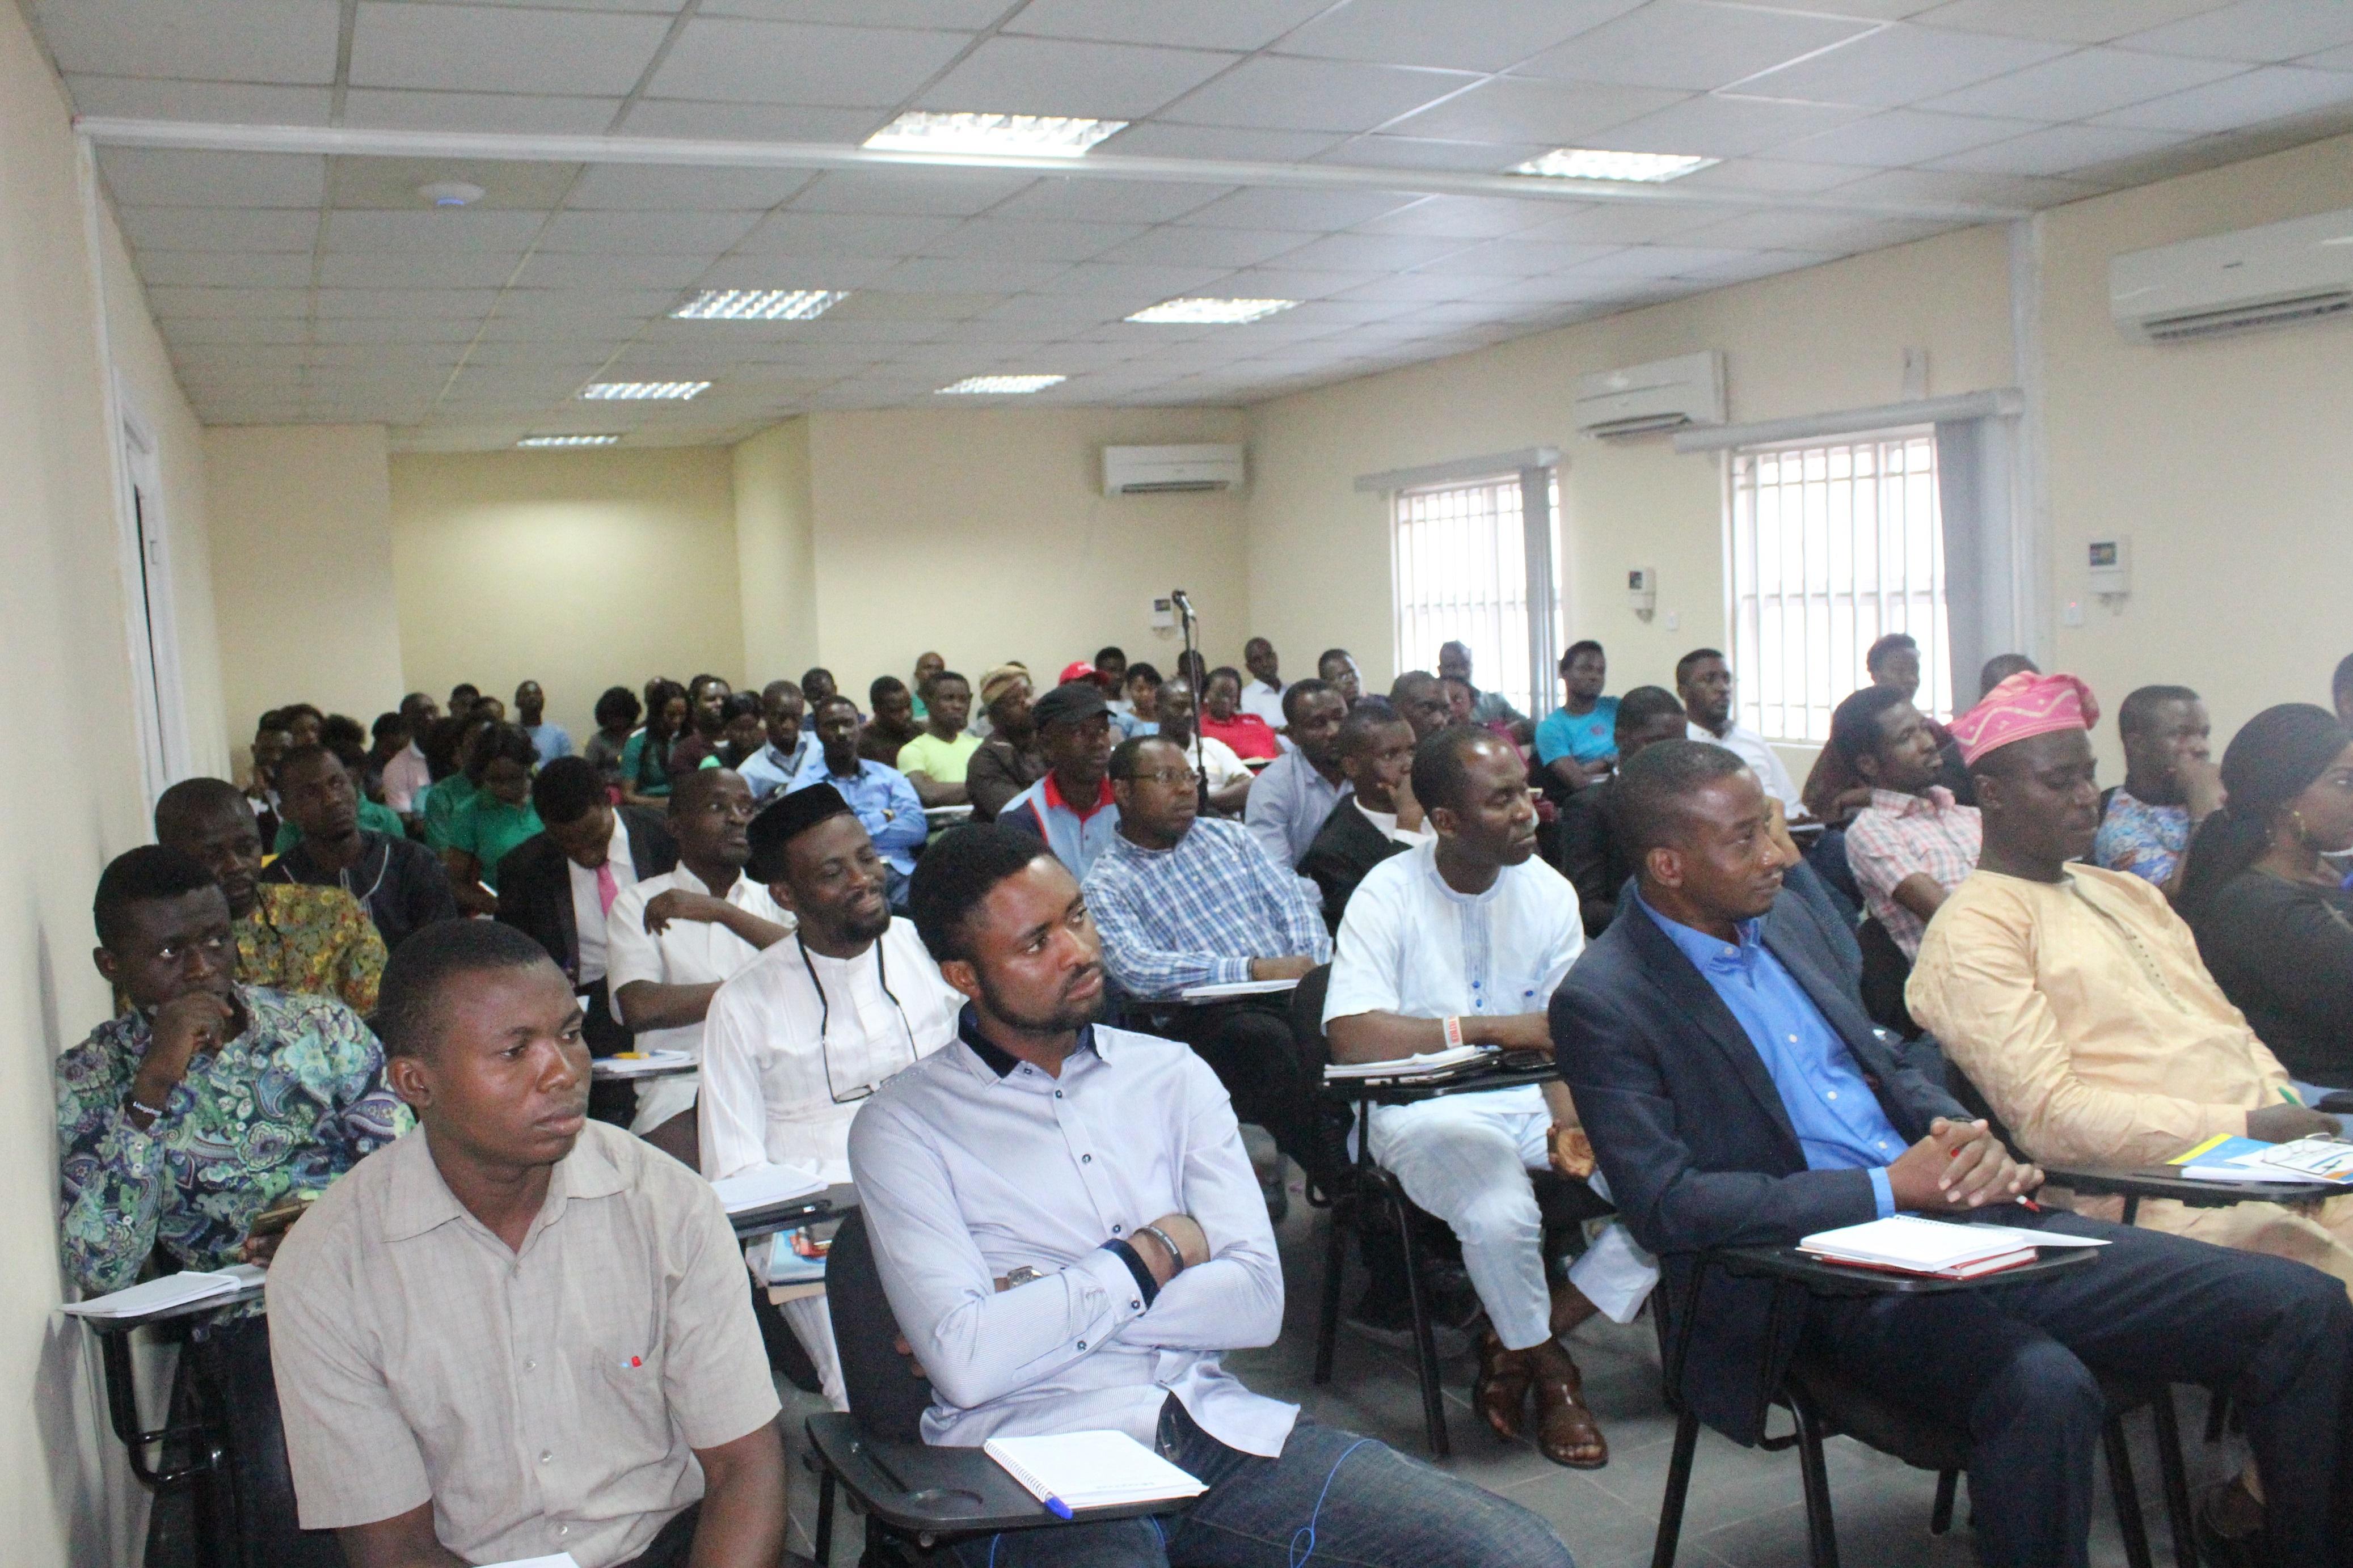 babeinlagos business growth seminar